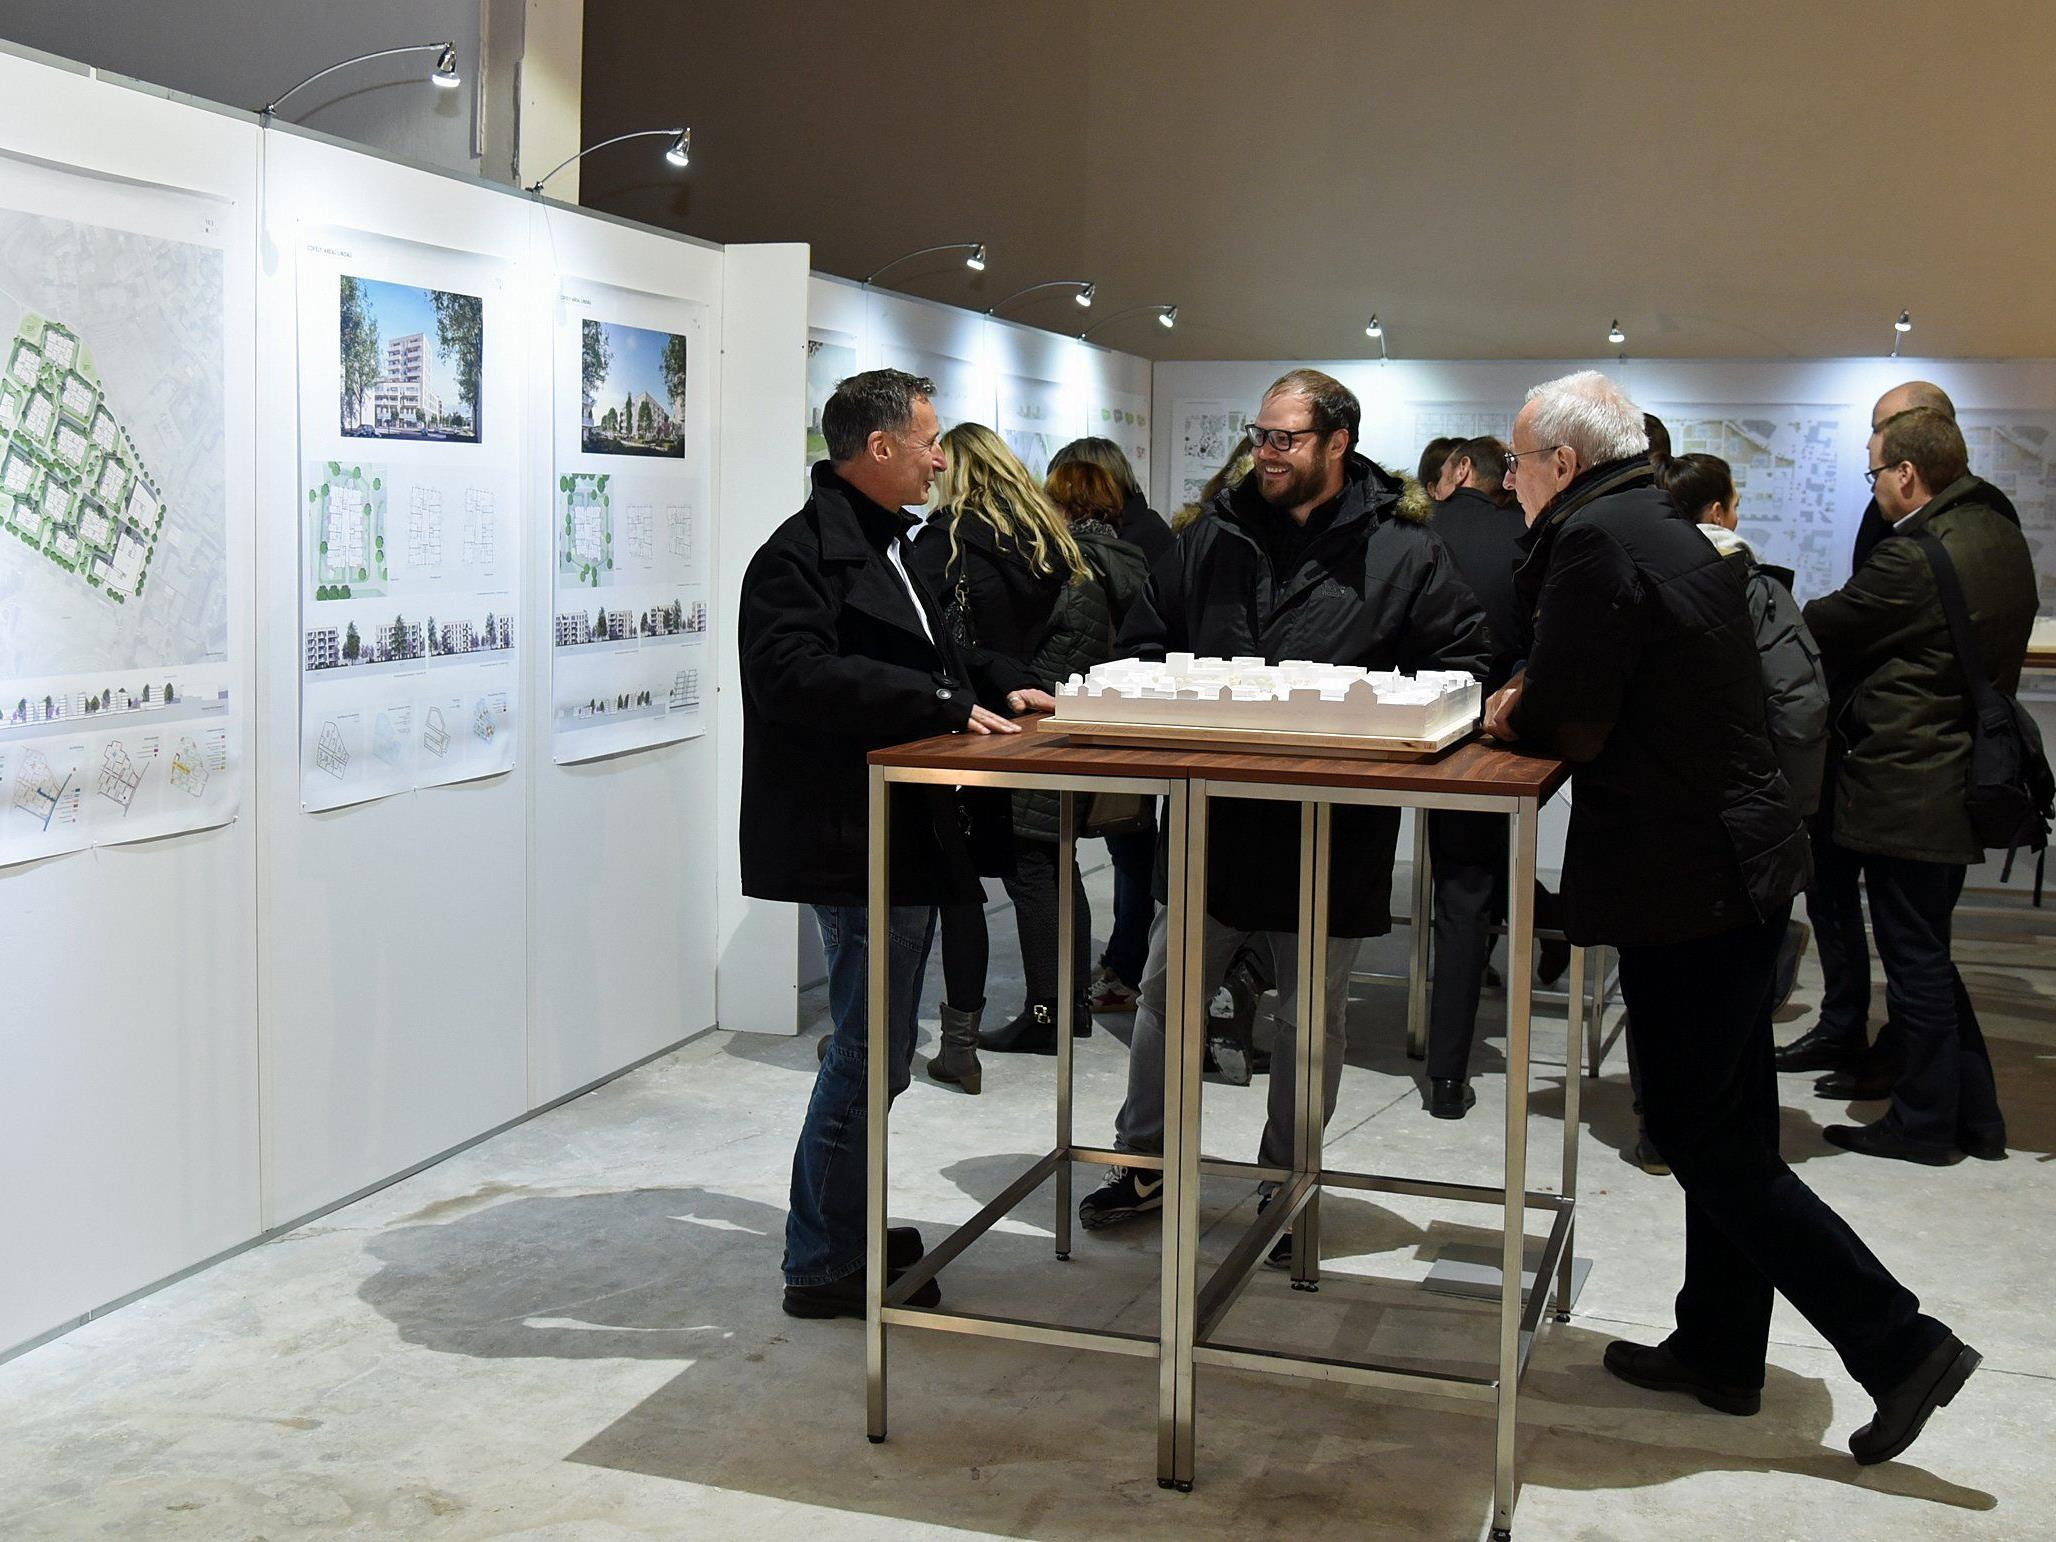 Nach der Projektpräsentation vor Stadtvertretern am Donnerstagabend (Bild) besuchten mehr als 250 Lindauer die Ausstellung am ersten Wochenende.